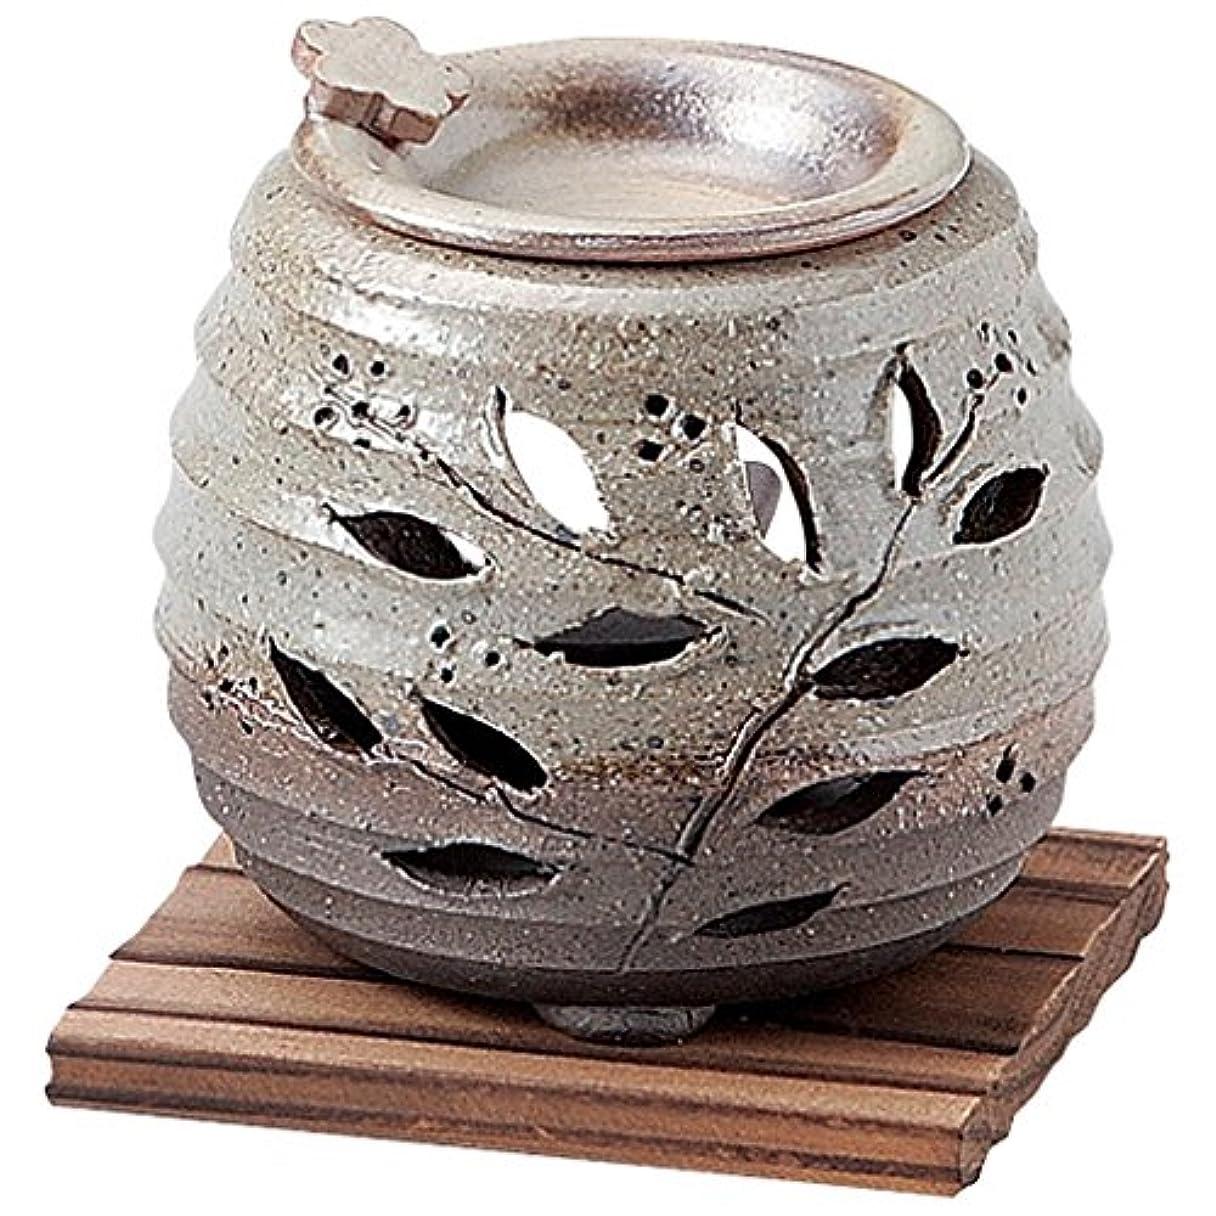 忠実虐待幸運な山下工芸 常滑焼 石龍緑灰釉花茶香炉 板付 10.5×11×11cm 13045750